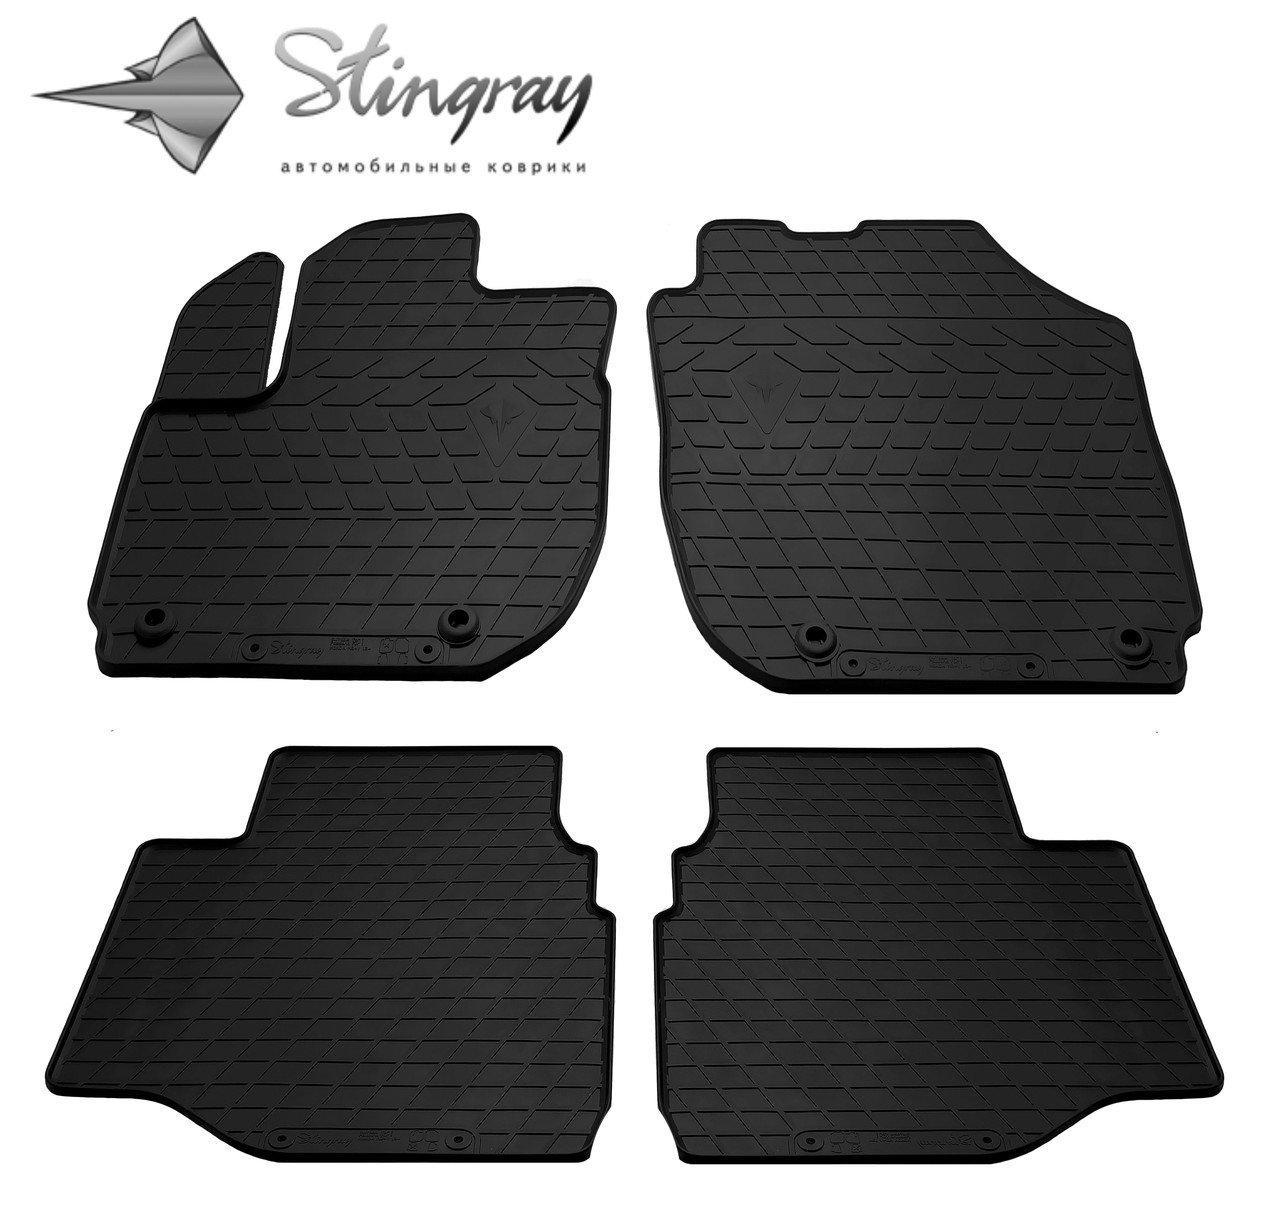 Автомобільні килимки Honda HR-V 2013 - Stingray